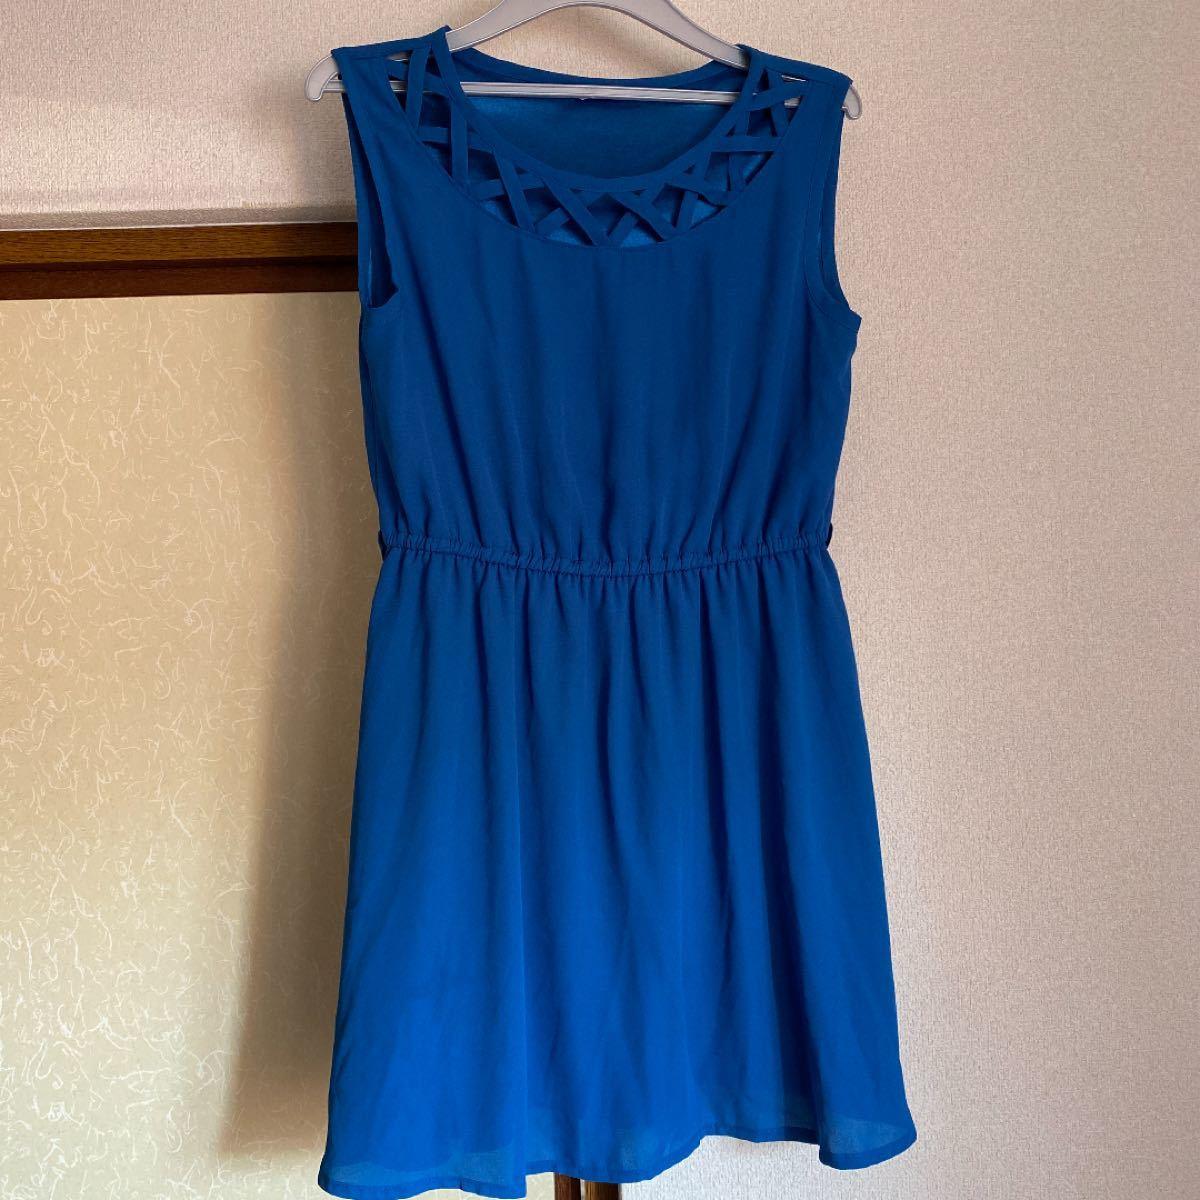 ワンピース ドレス ノースリーブ 袖なし ミニワンピ 青 ブルー デート